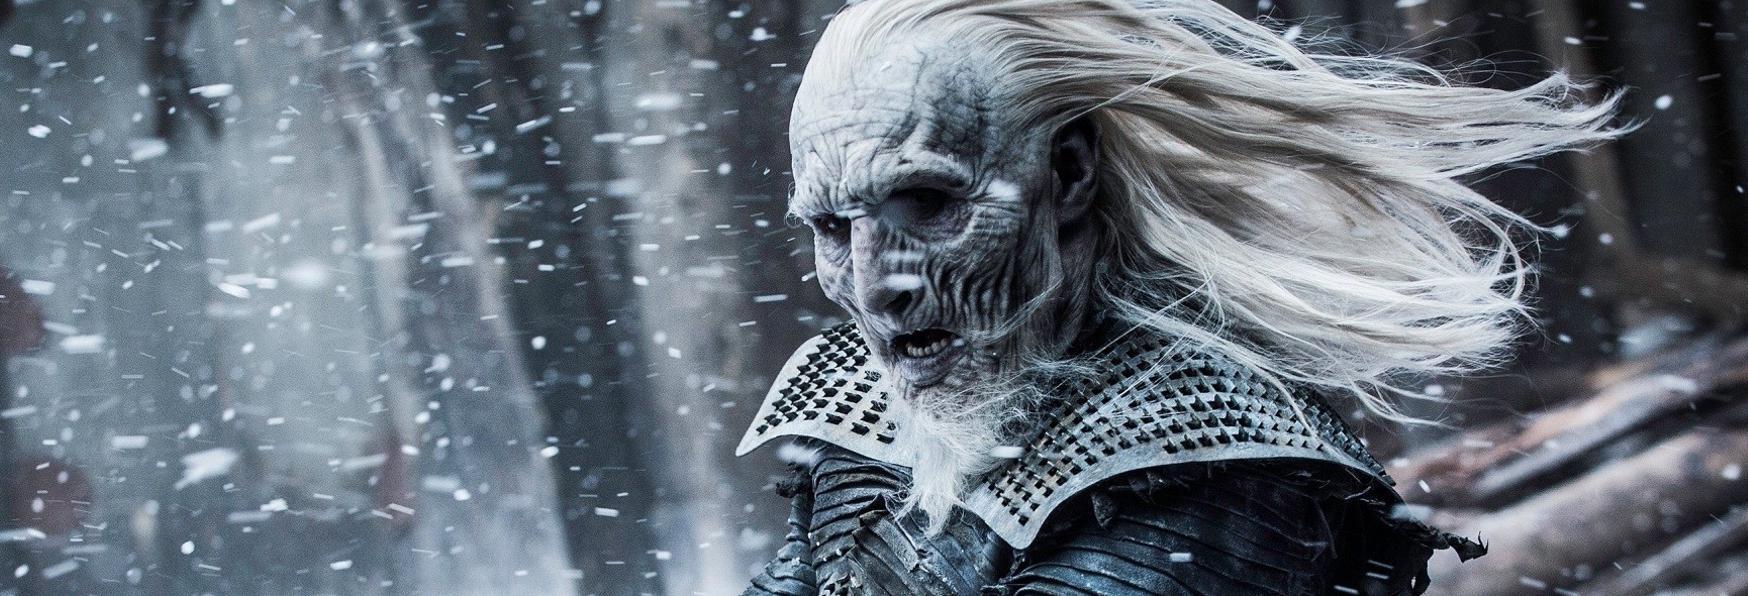 Svelato il titolo dello Spin-off/Prequel di Game of Thrones! (e anche un altro membro del cast)